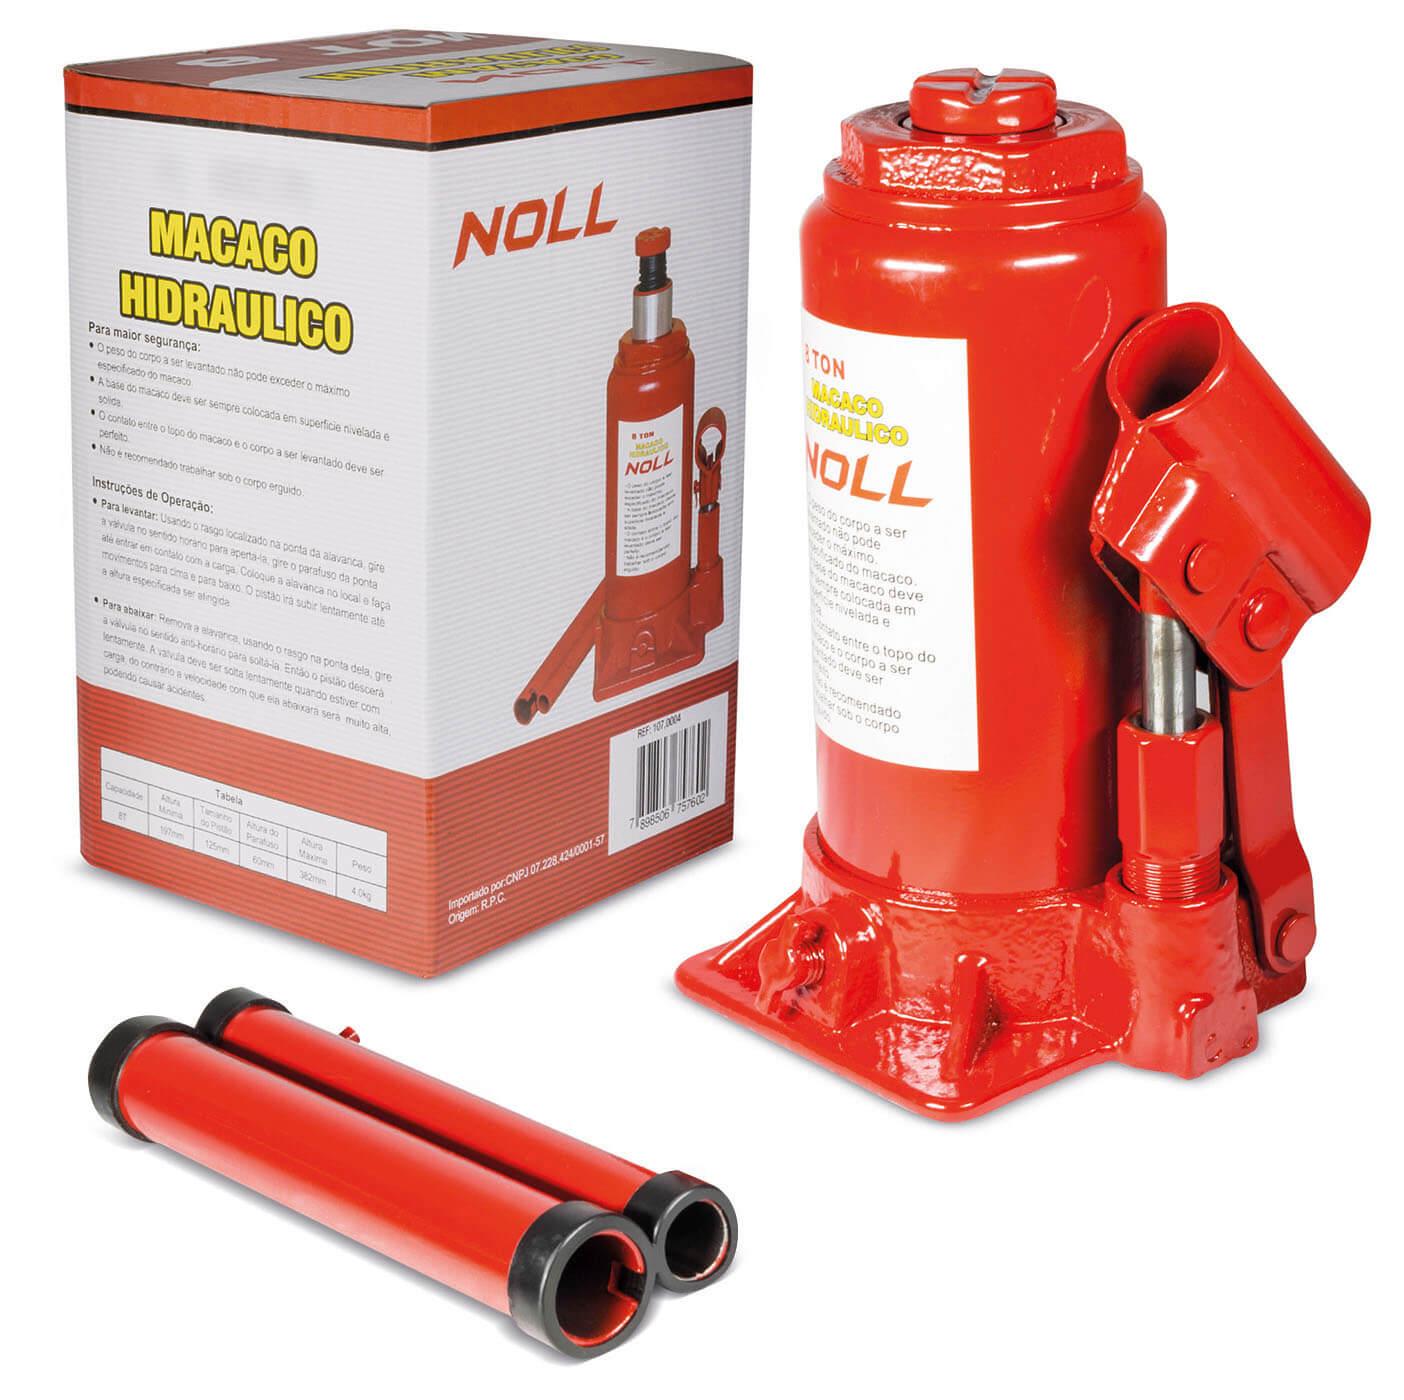 Macaco hidráulico tipo garrafa 32 toneladas - Noll